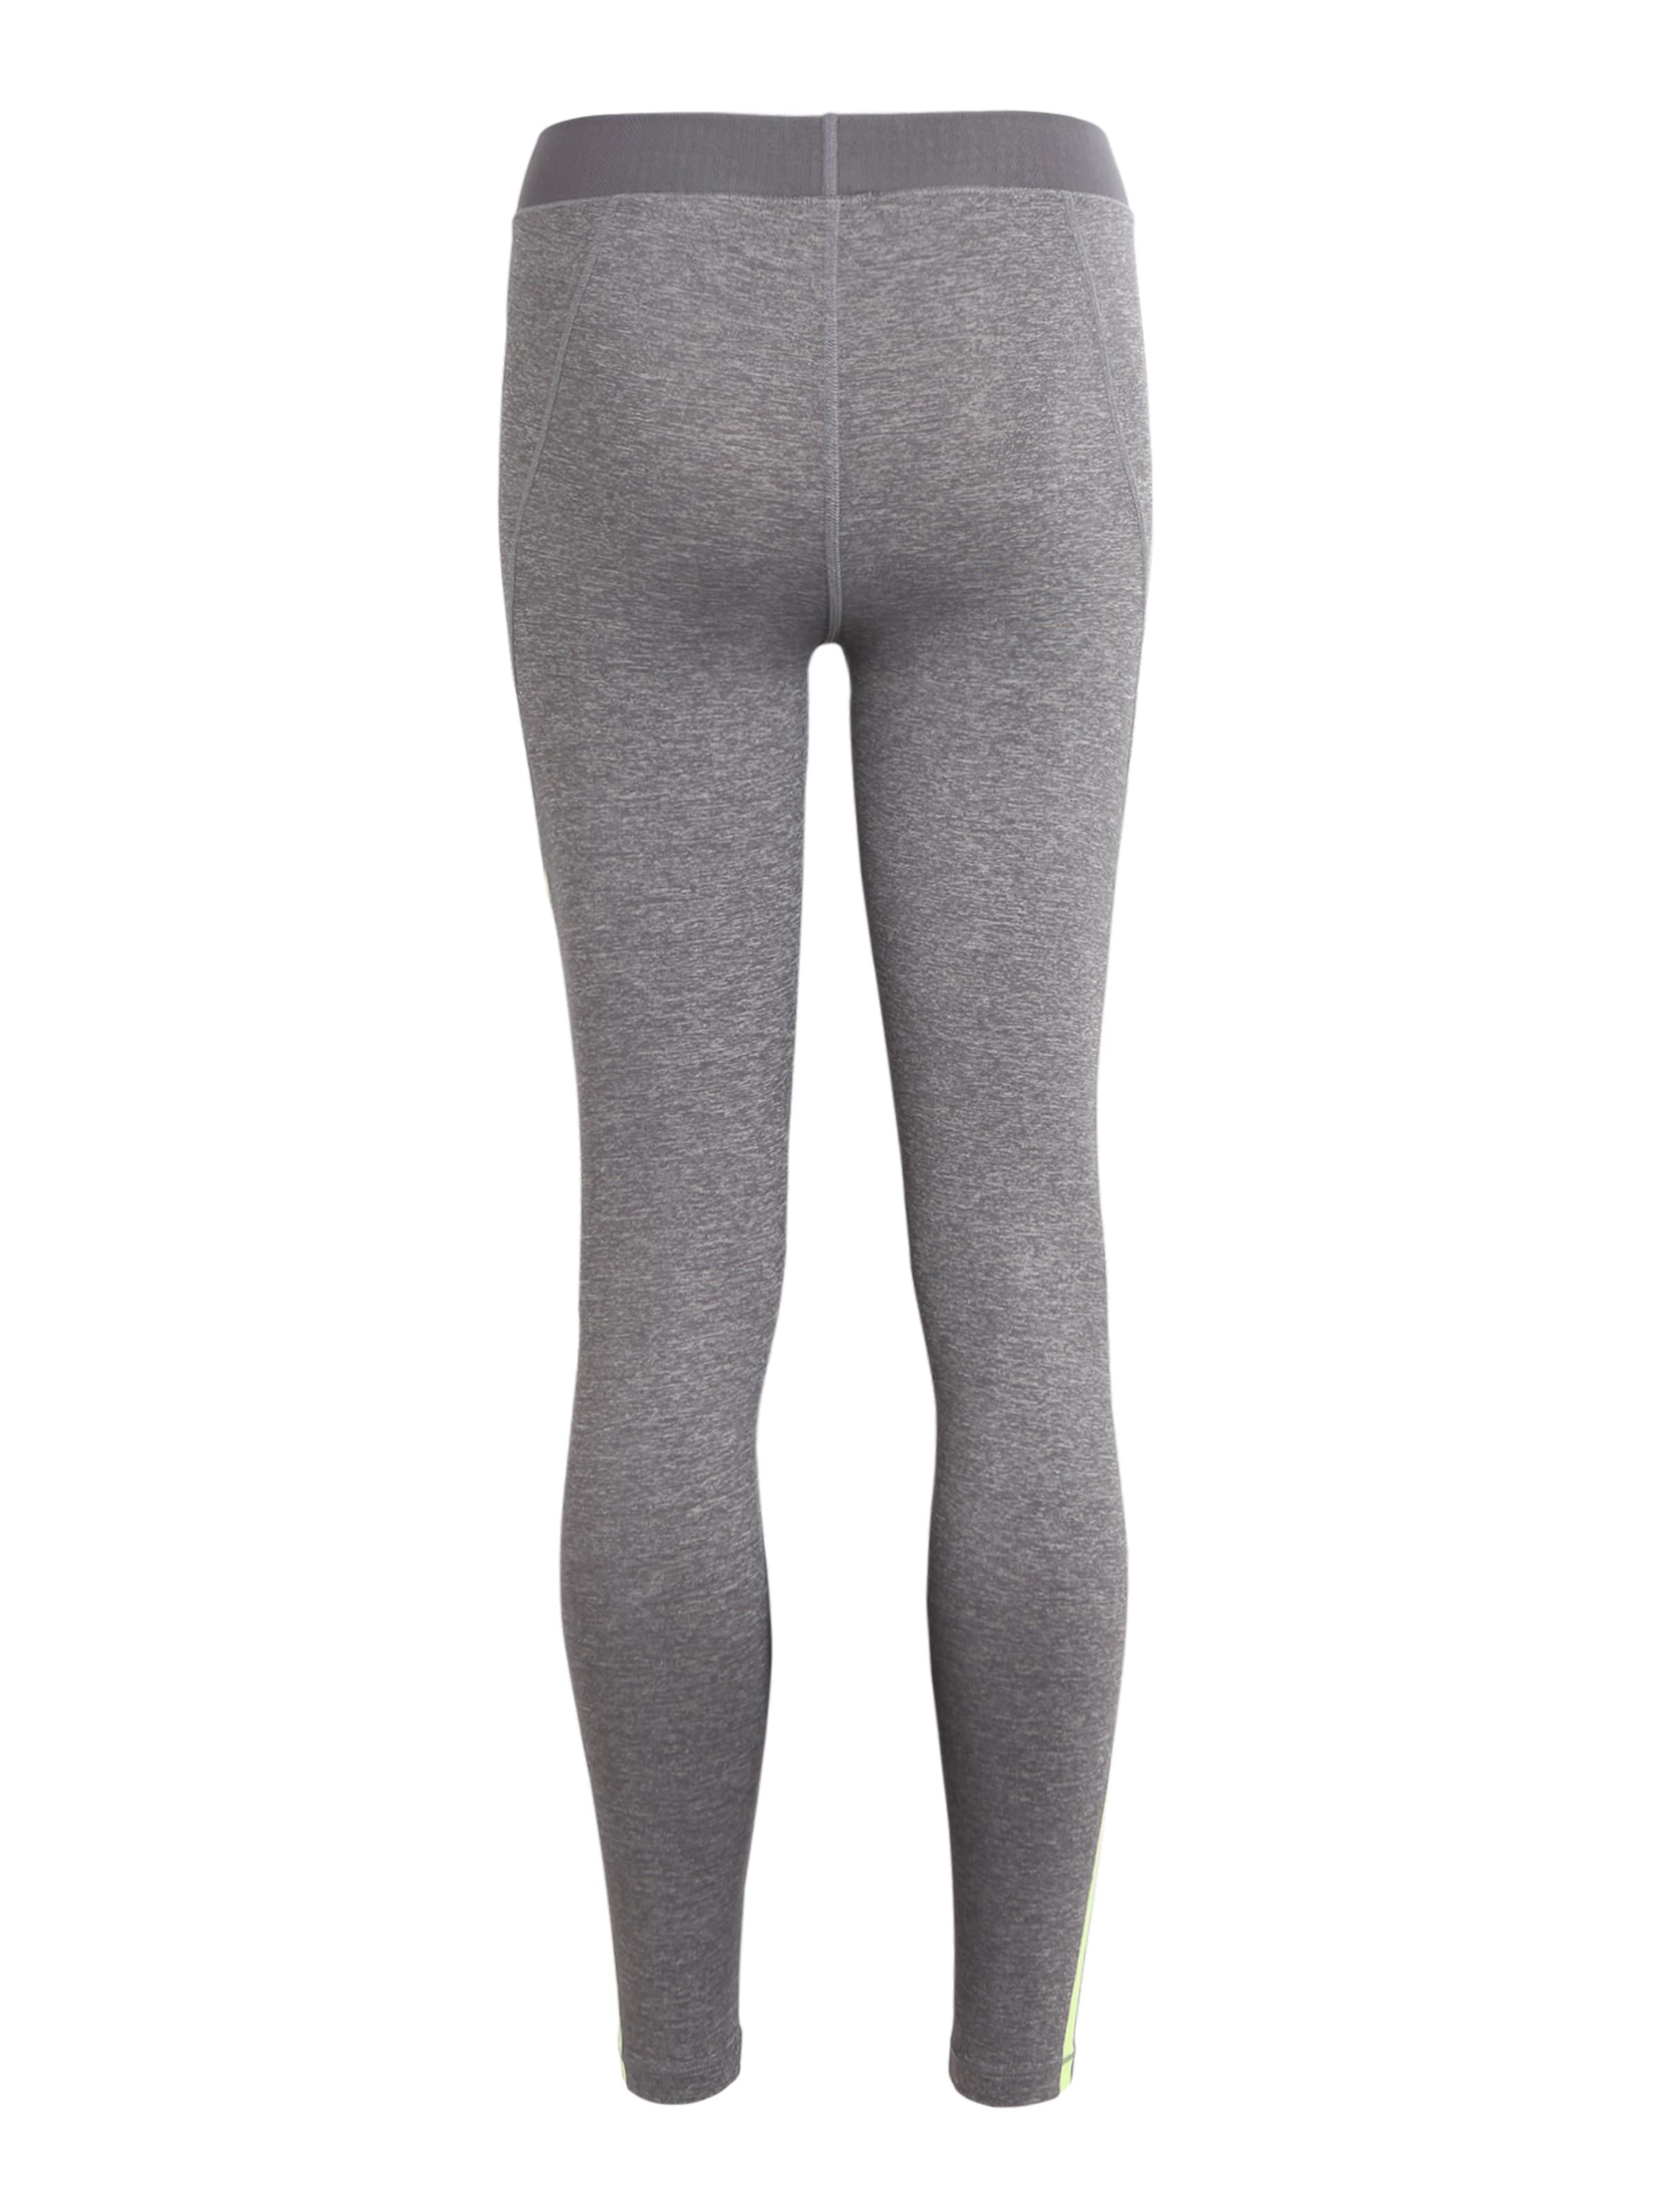 nike pantalon femme sport